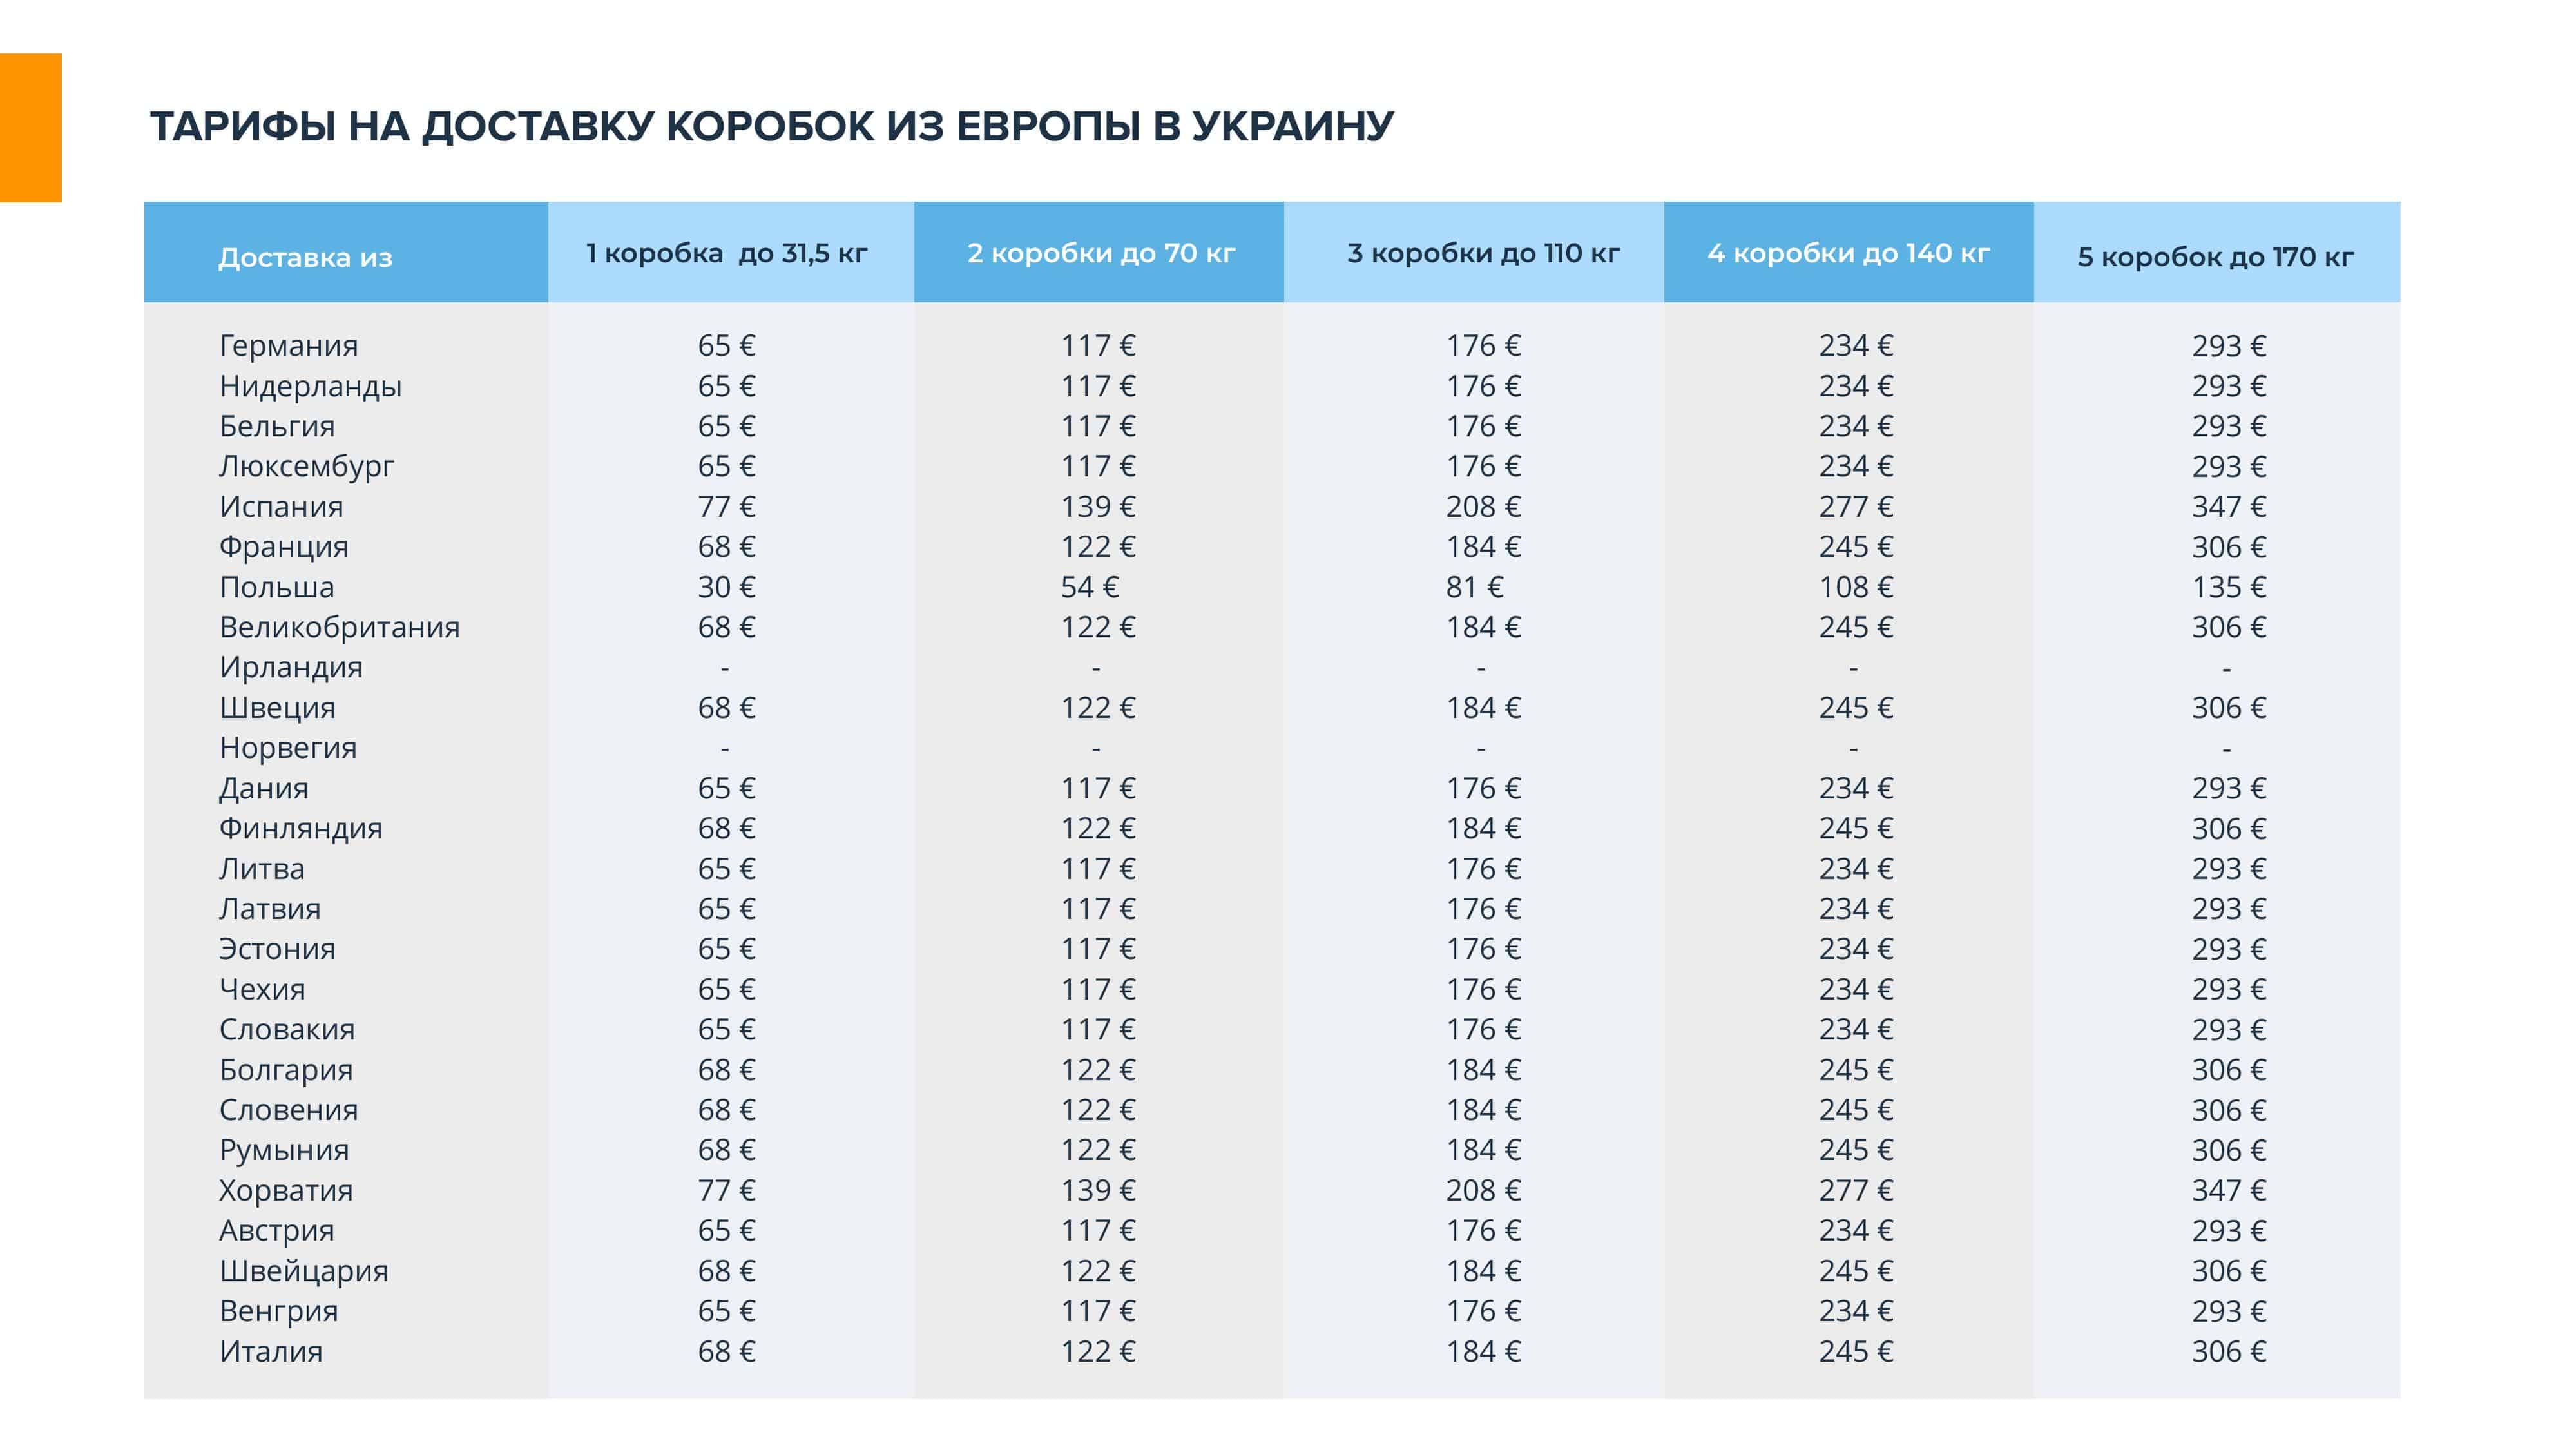 Prezentatsiya-EuroEx - Международная доставка грузов — транспортно логистические перевозки в Украину   EuroEx-  фото9